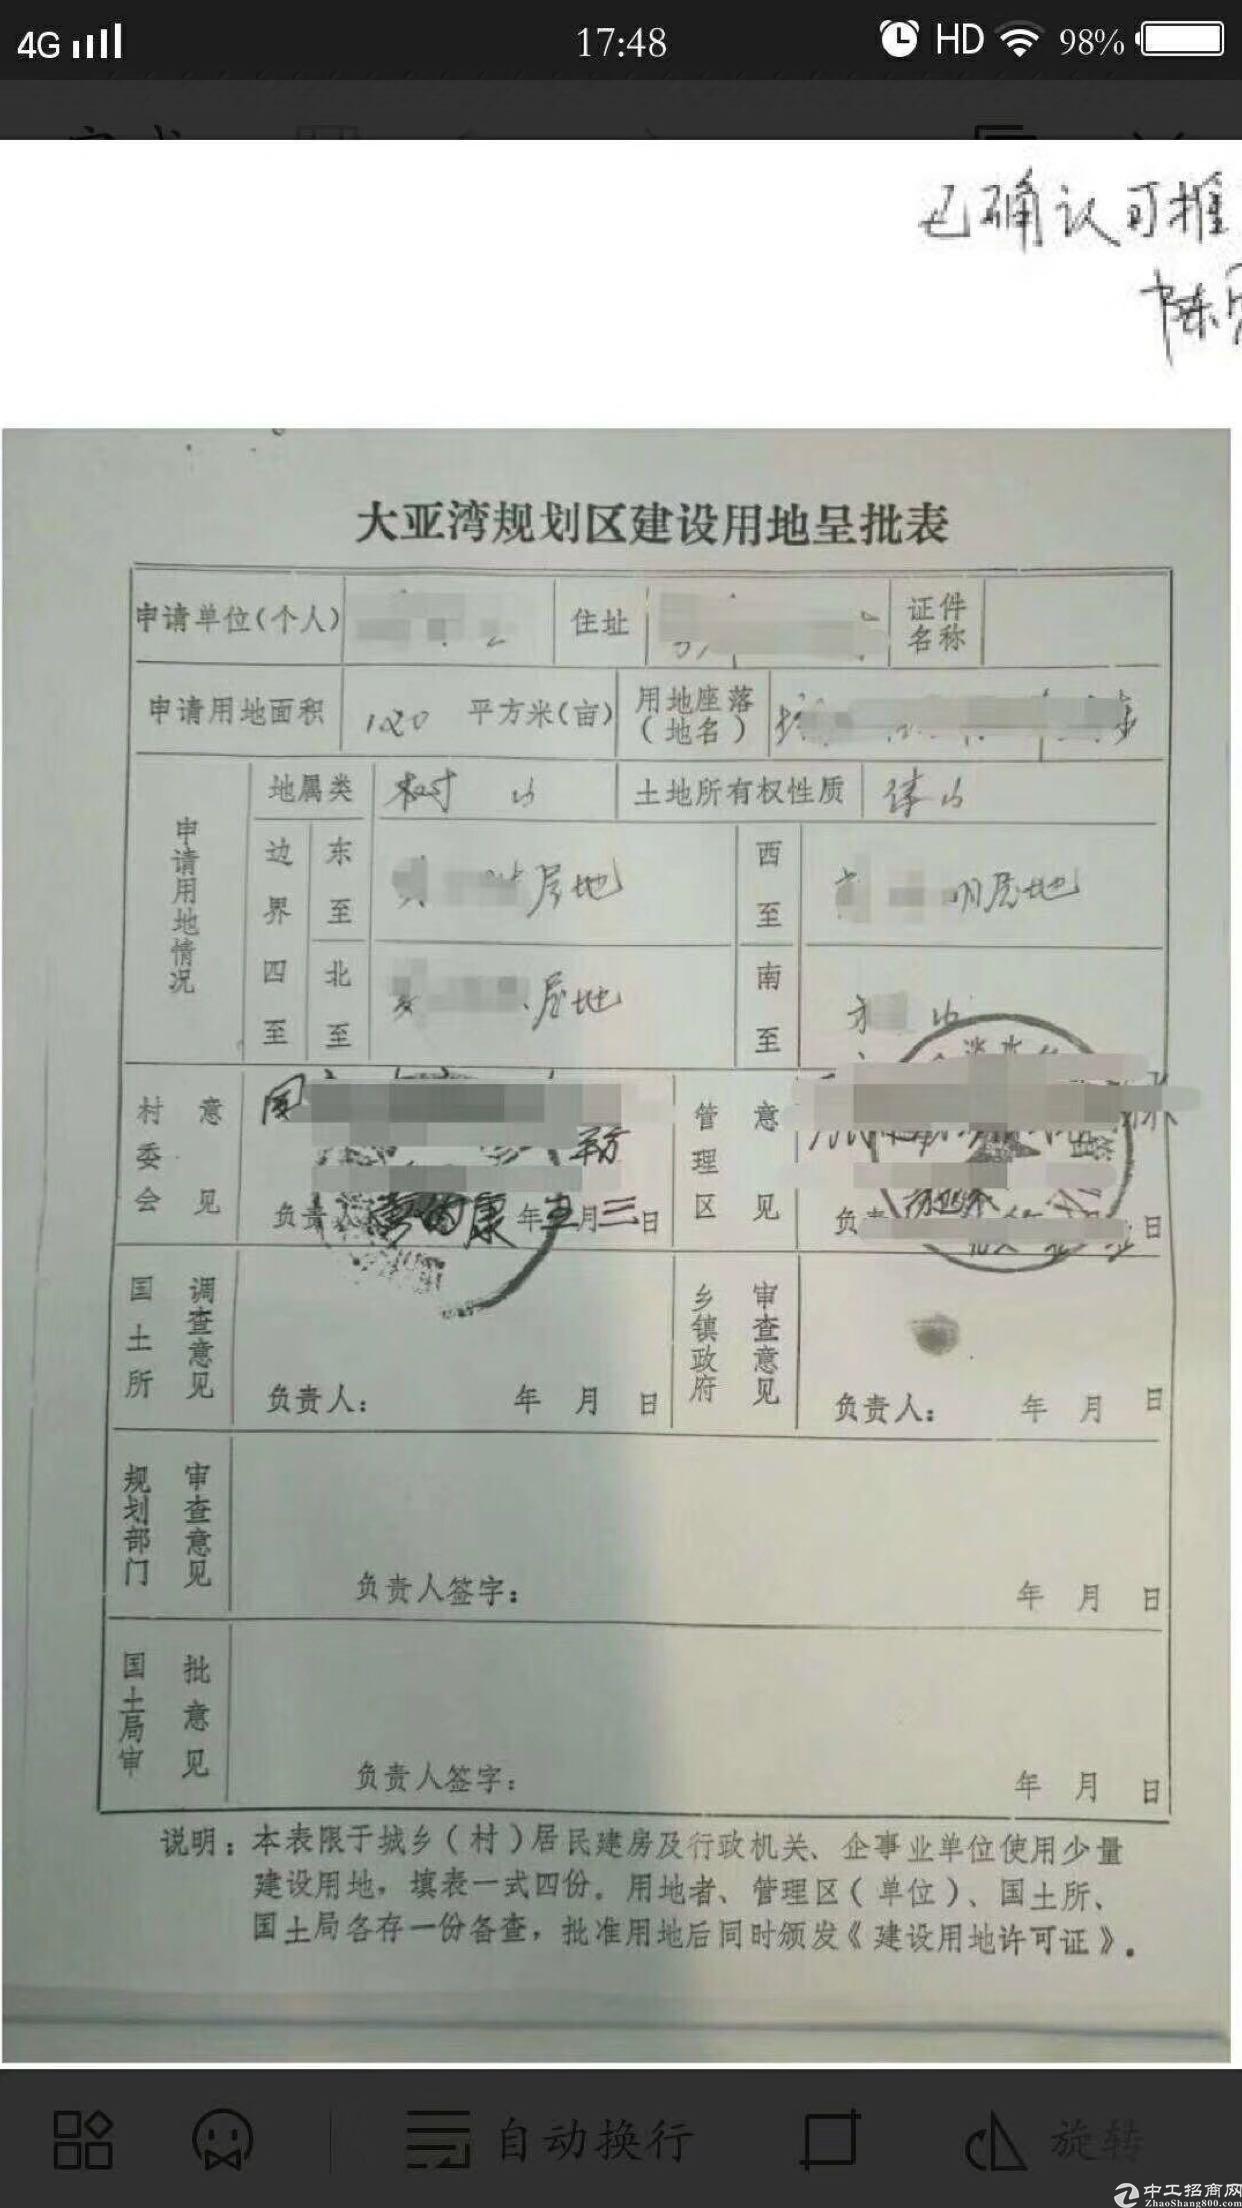 惠阳大亚湾占地1440永久宅基地出售